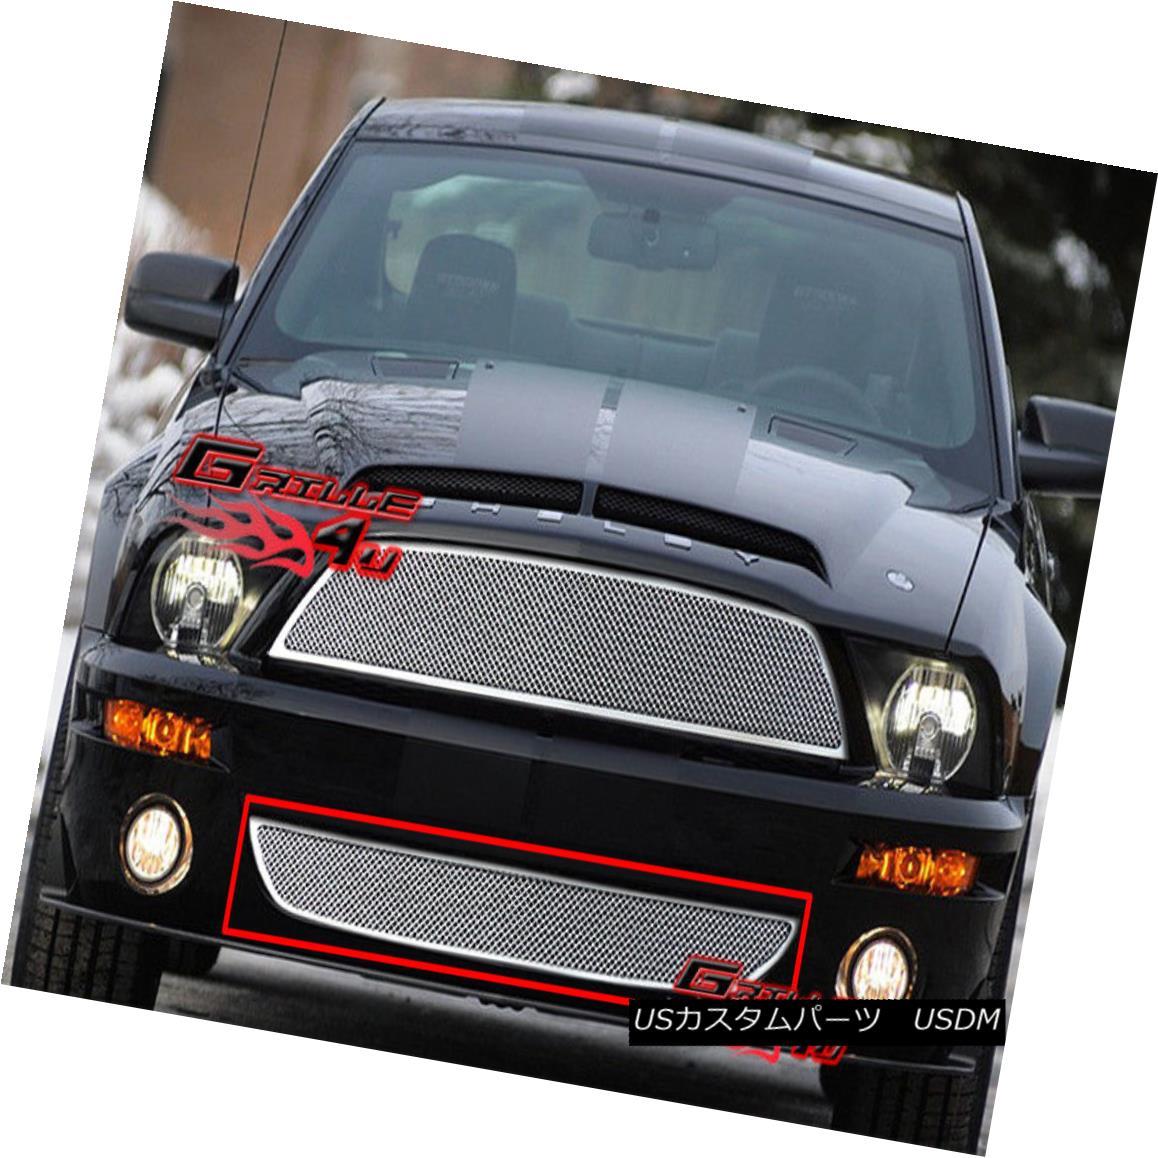 グリル Fits 07-09 Ford Shelby GT 500 Lower Bumper Stainless Mesh Grille フィット07-09フォードシェルビーGT 500ロワーバンパーステンレスメッシュグリル